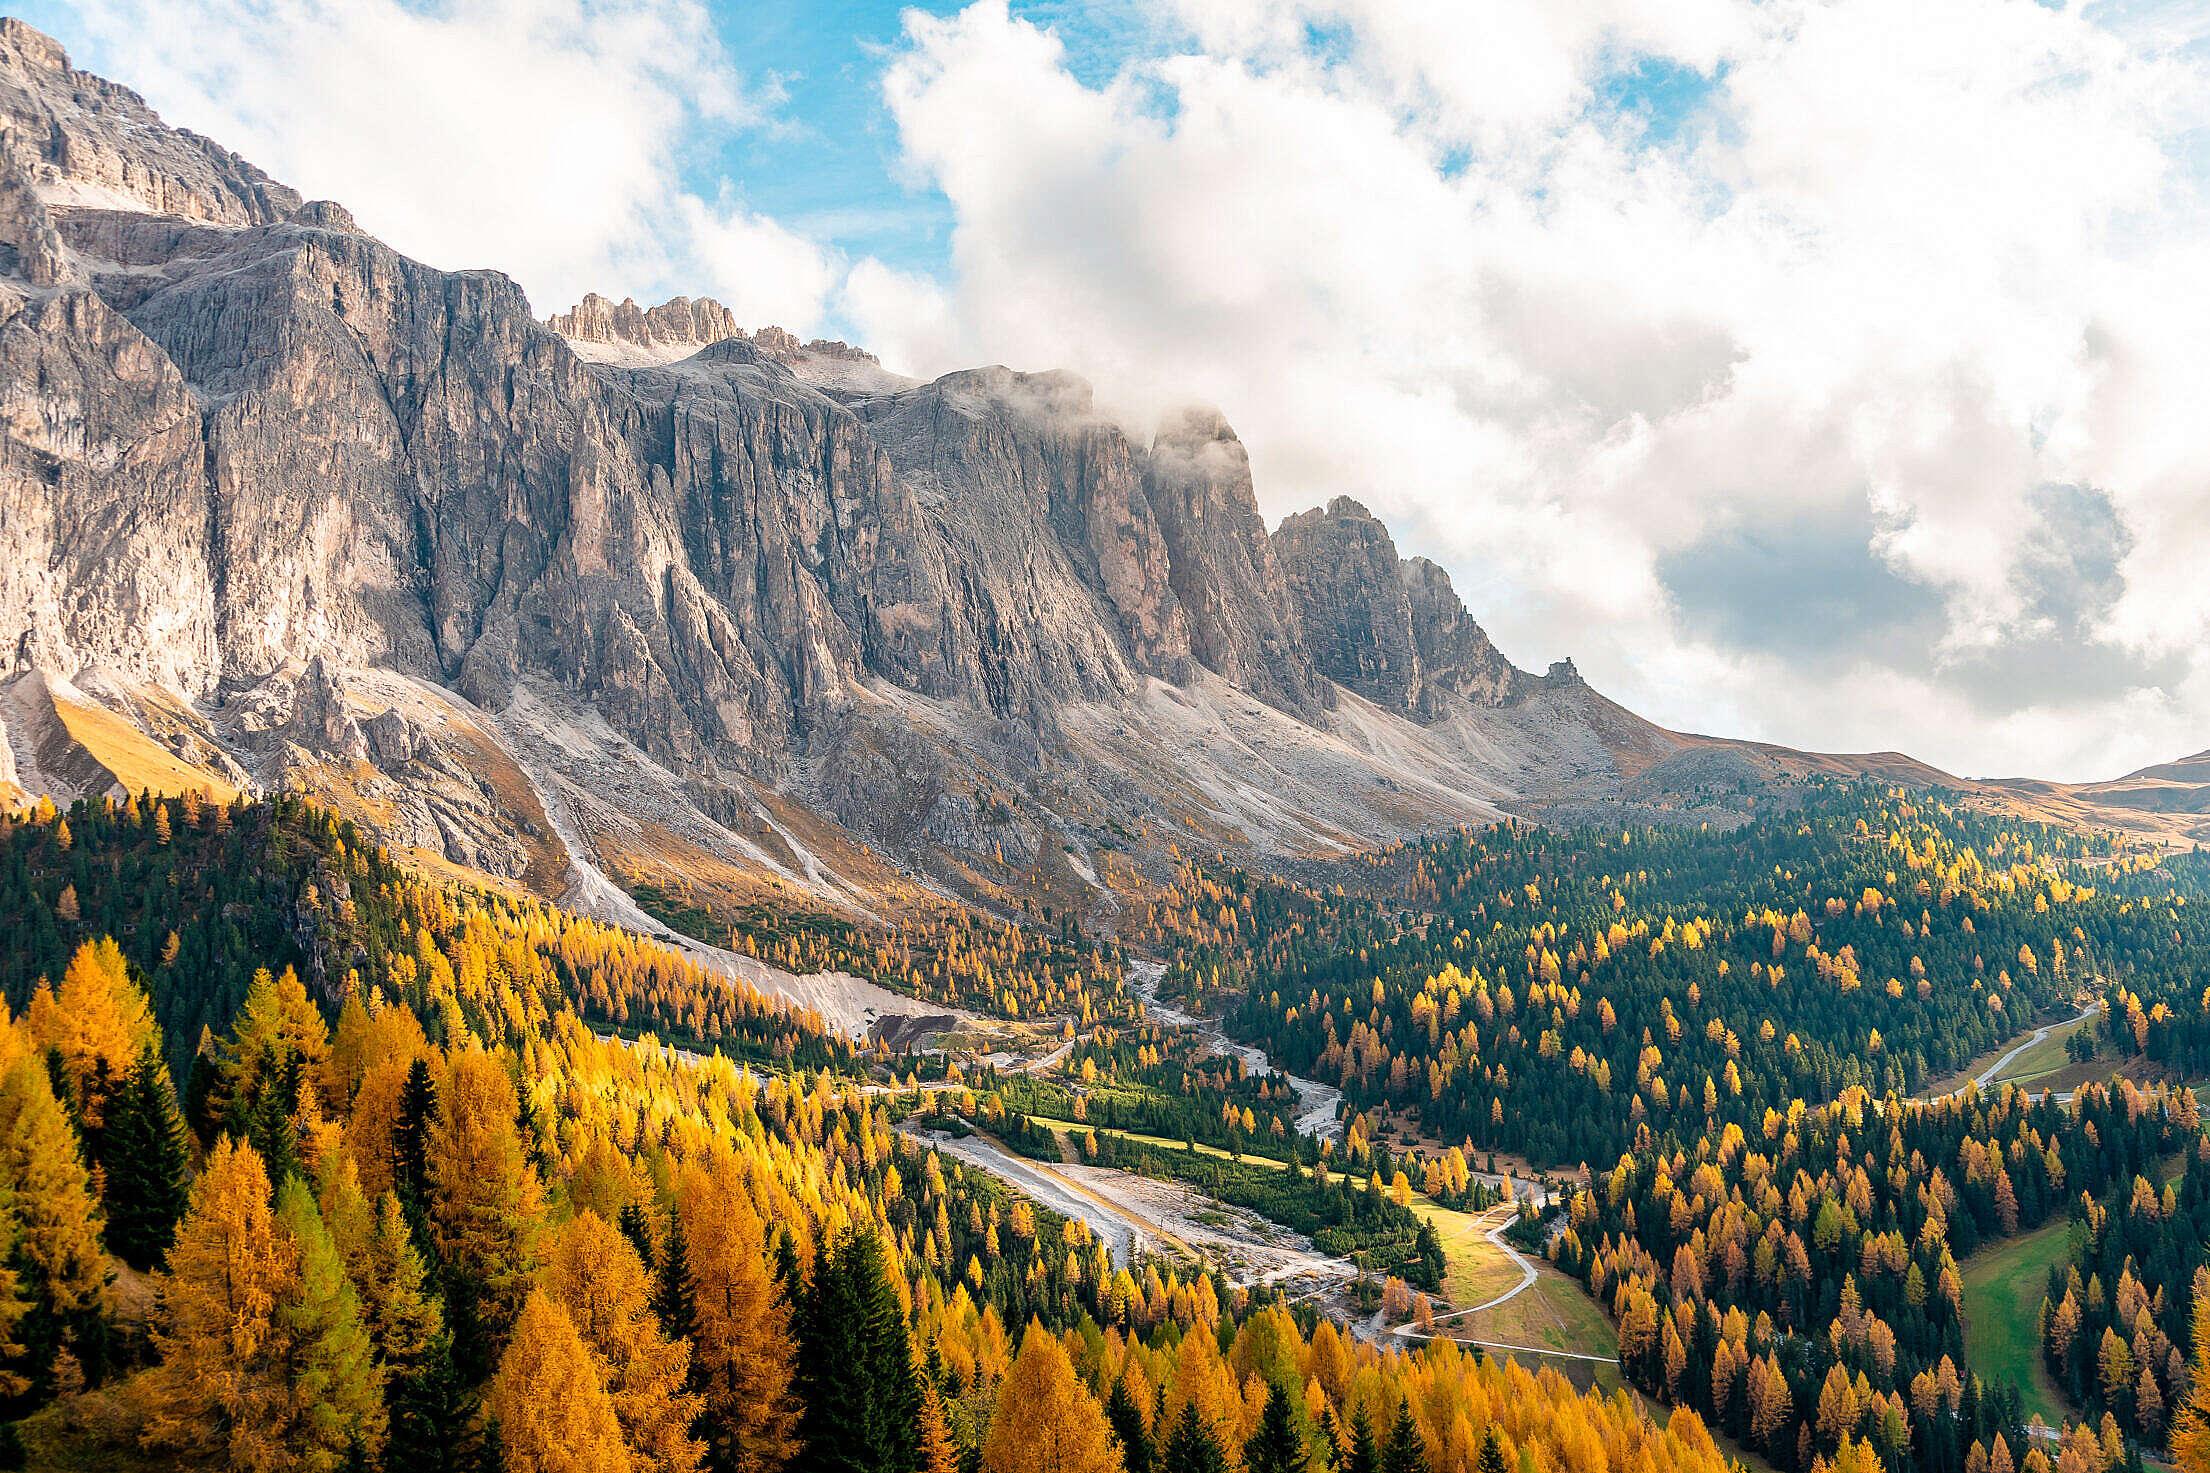 View of Autumn Dolomites, Passo Gardena, Italy Free Stock Photo